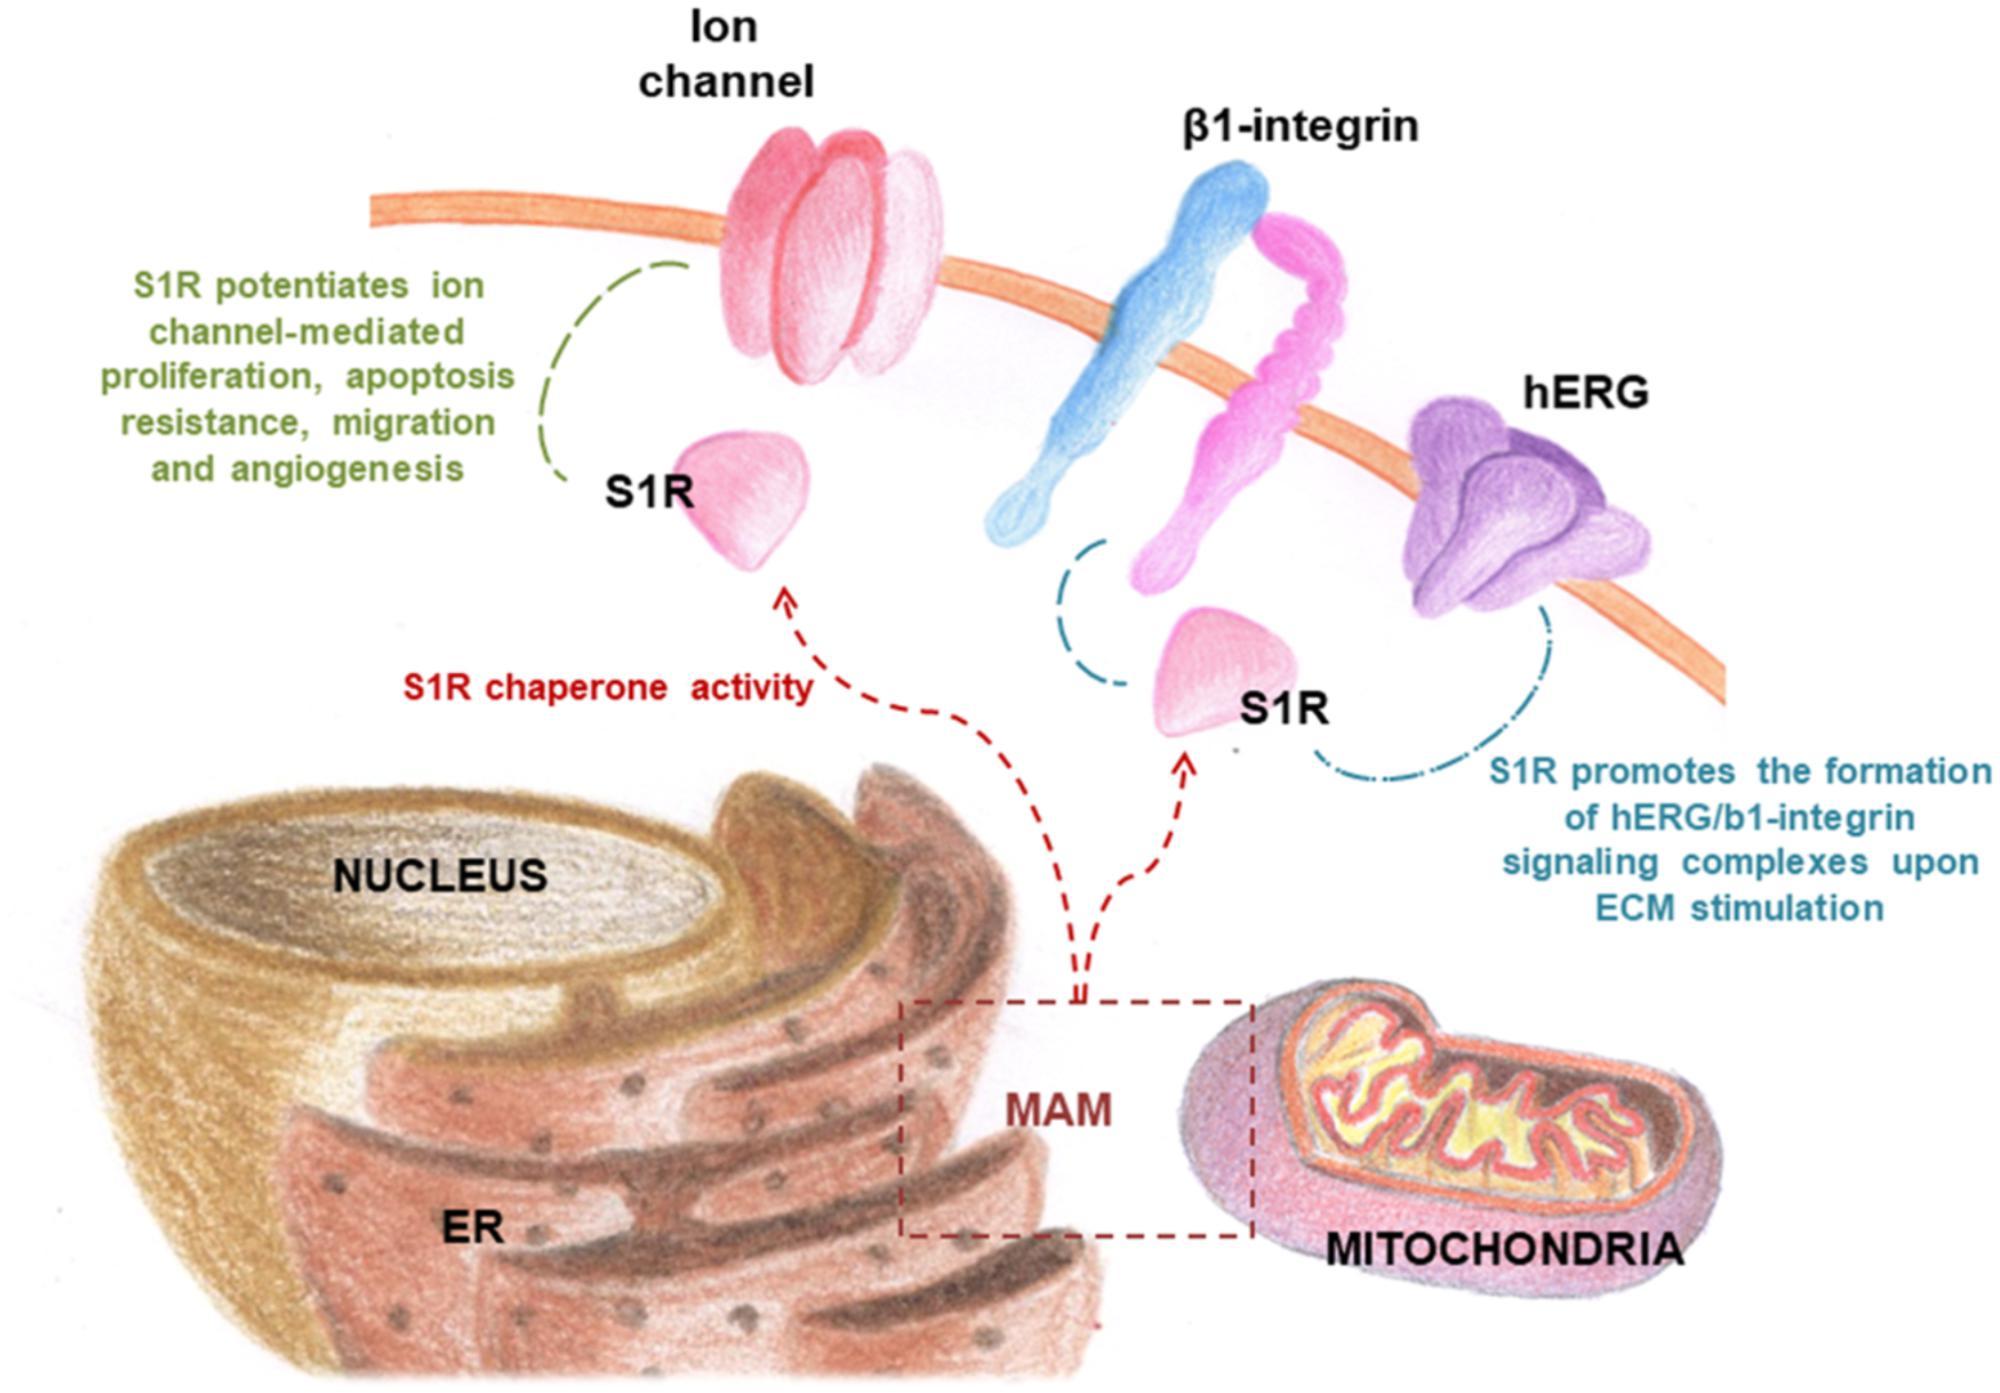 Frontiers | Sigma Receptors as Endoplasmic Reticulum Stress